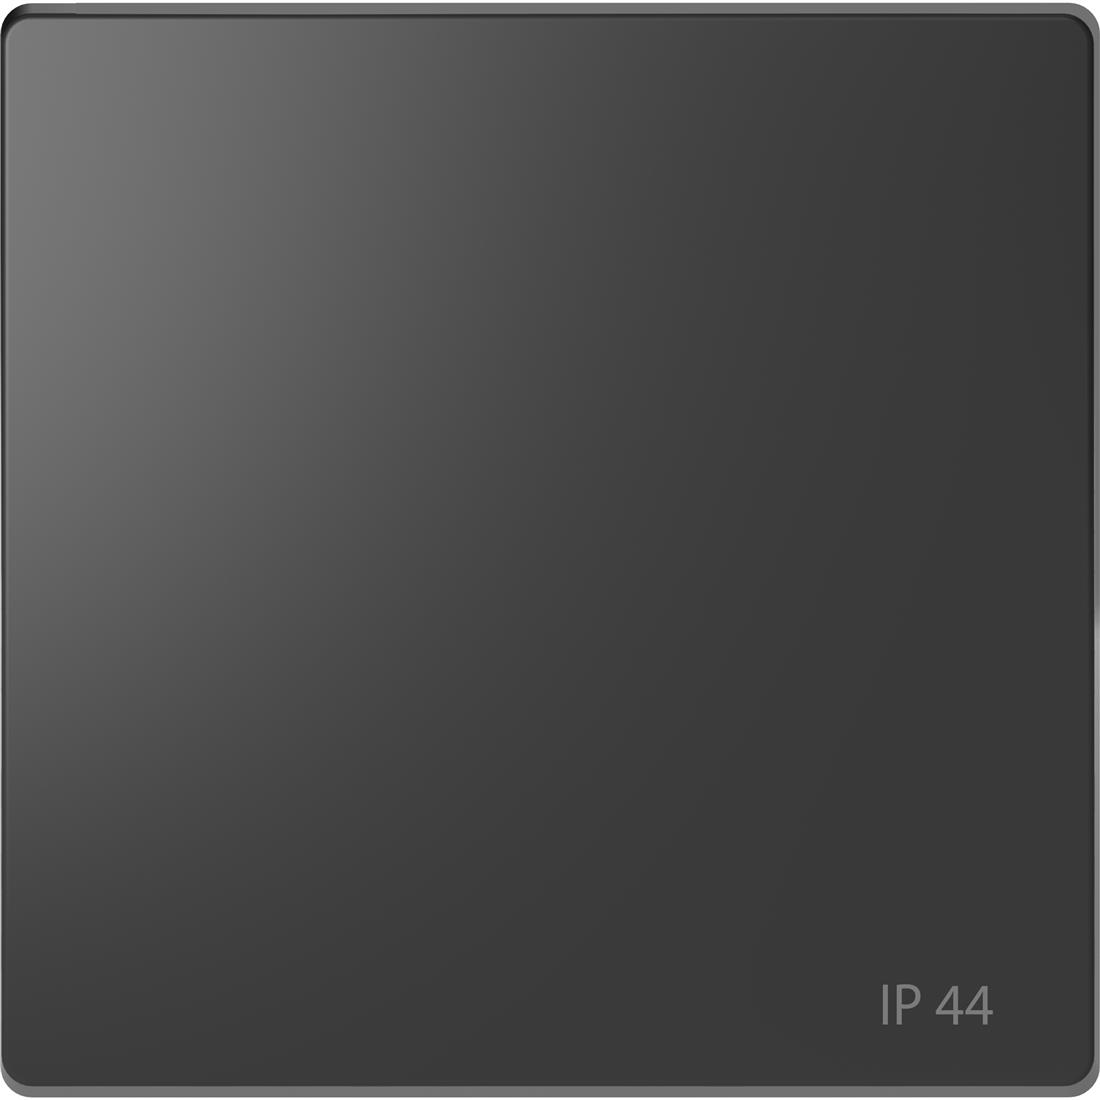 Schneider-Merten D Life wisselwip voor IP44 - antraciet (MTN3304-6034)